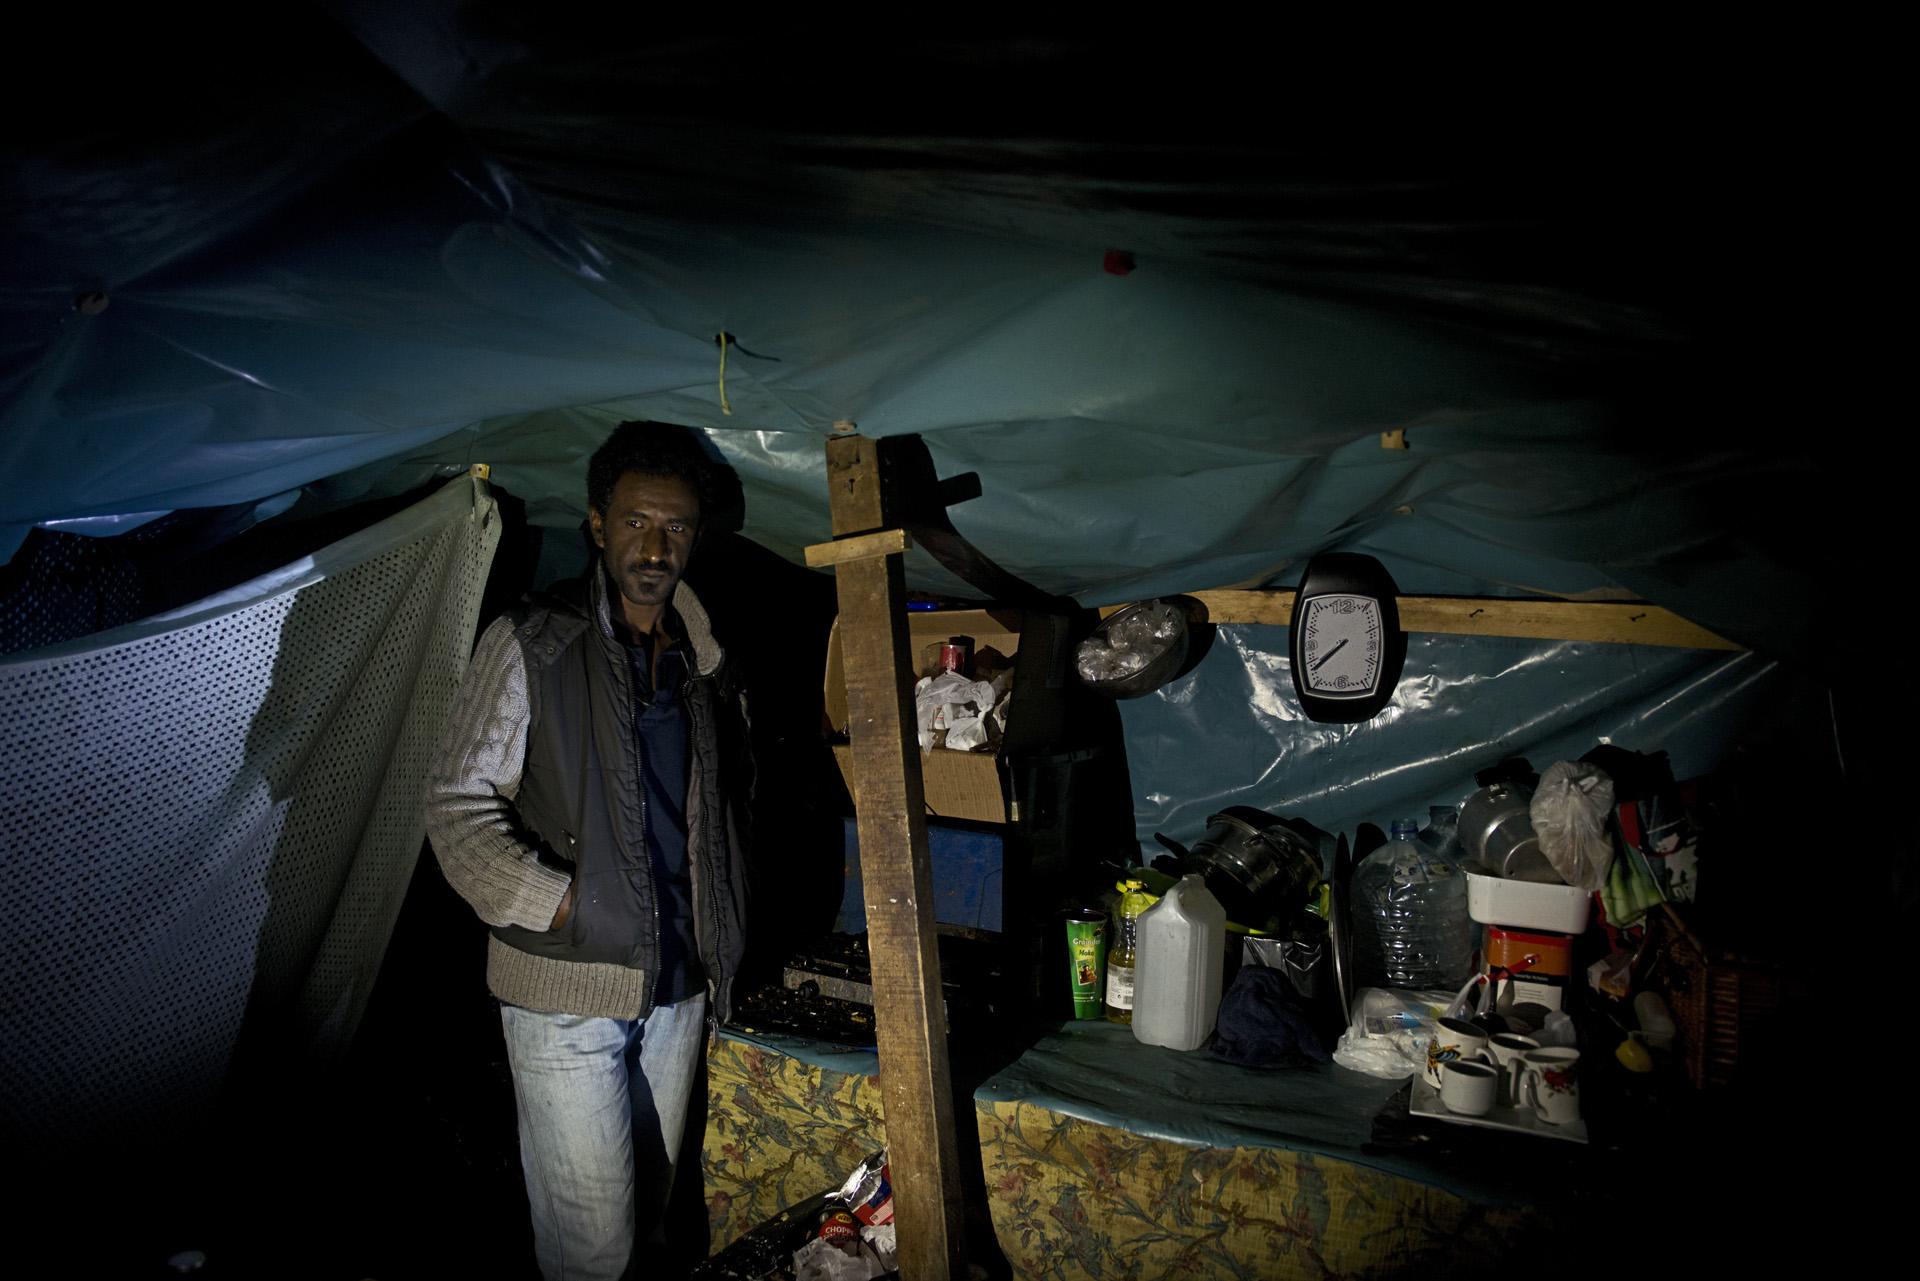 Calais. Dans la jungle, même quand on a installé une pendule dans son abri de fortune comme l'a fait Bachir, ce réfugié originaire du Soudan, le temps est une notion bien aléatoire. Les voyages pour parvenir sur ce bout de terre ont duré si longtemps, les tentatives de traversée pour gagner l'Angleterre ont été si nombreuses et les informations tellement confuses que beaucoup de migrants ne réalisent pas que l'État français a lancé un compte à rebours qui les obligera à quitter le camp.